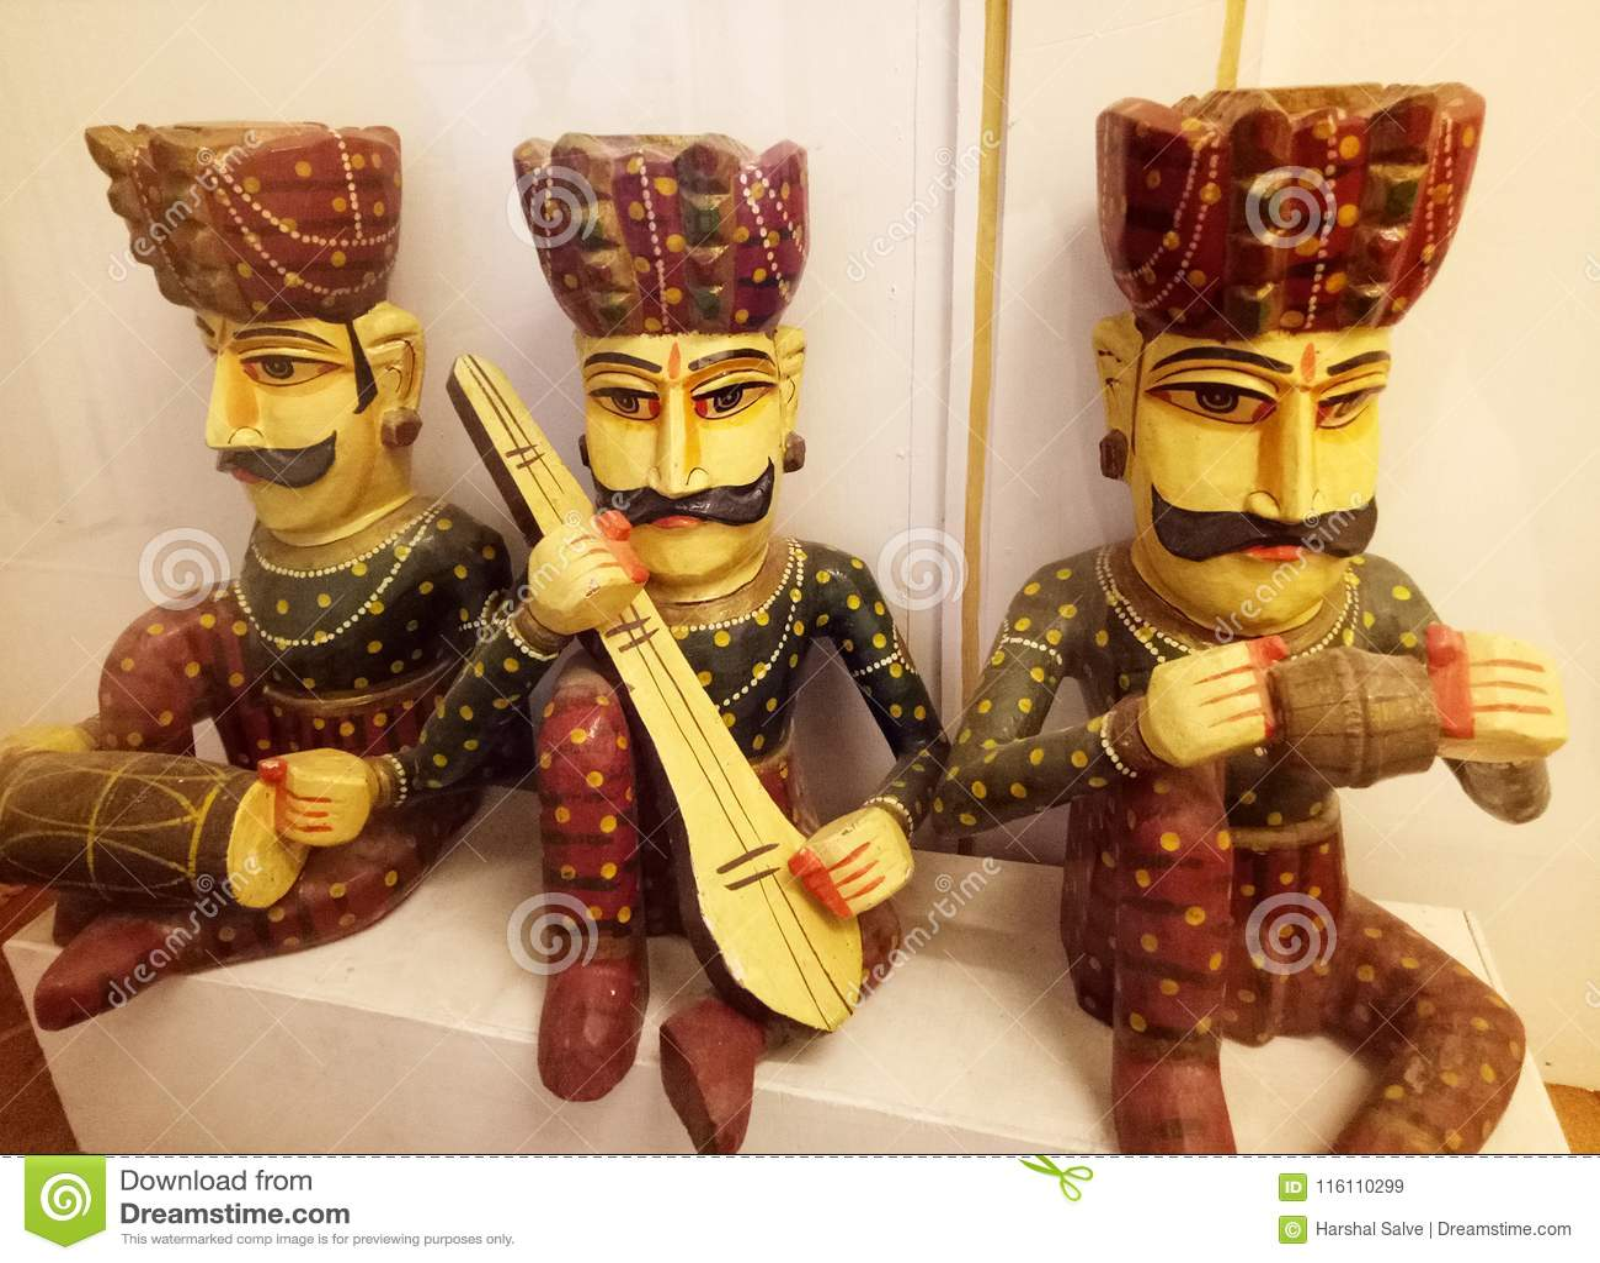 Povos tradicionais indianos Art Puppets com instrumentos musicais